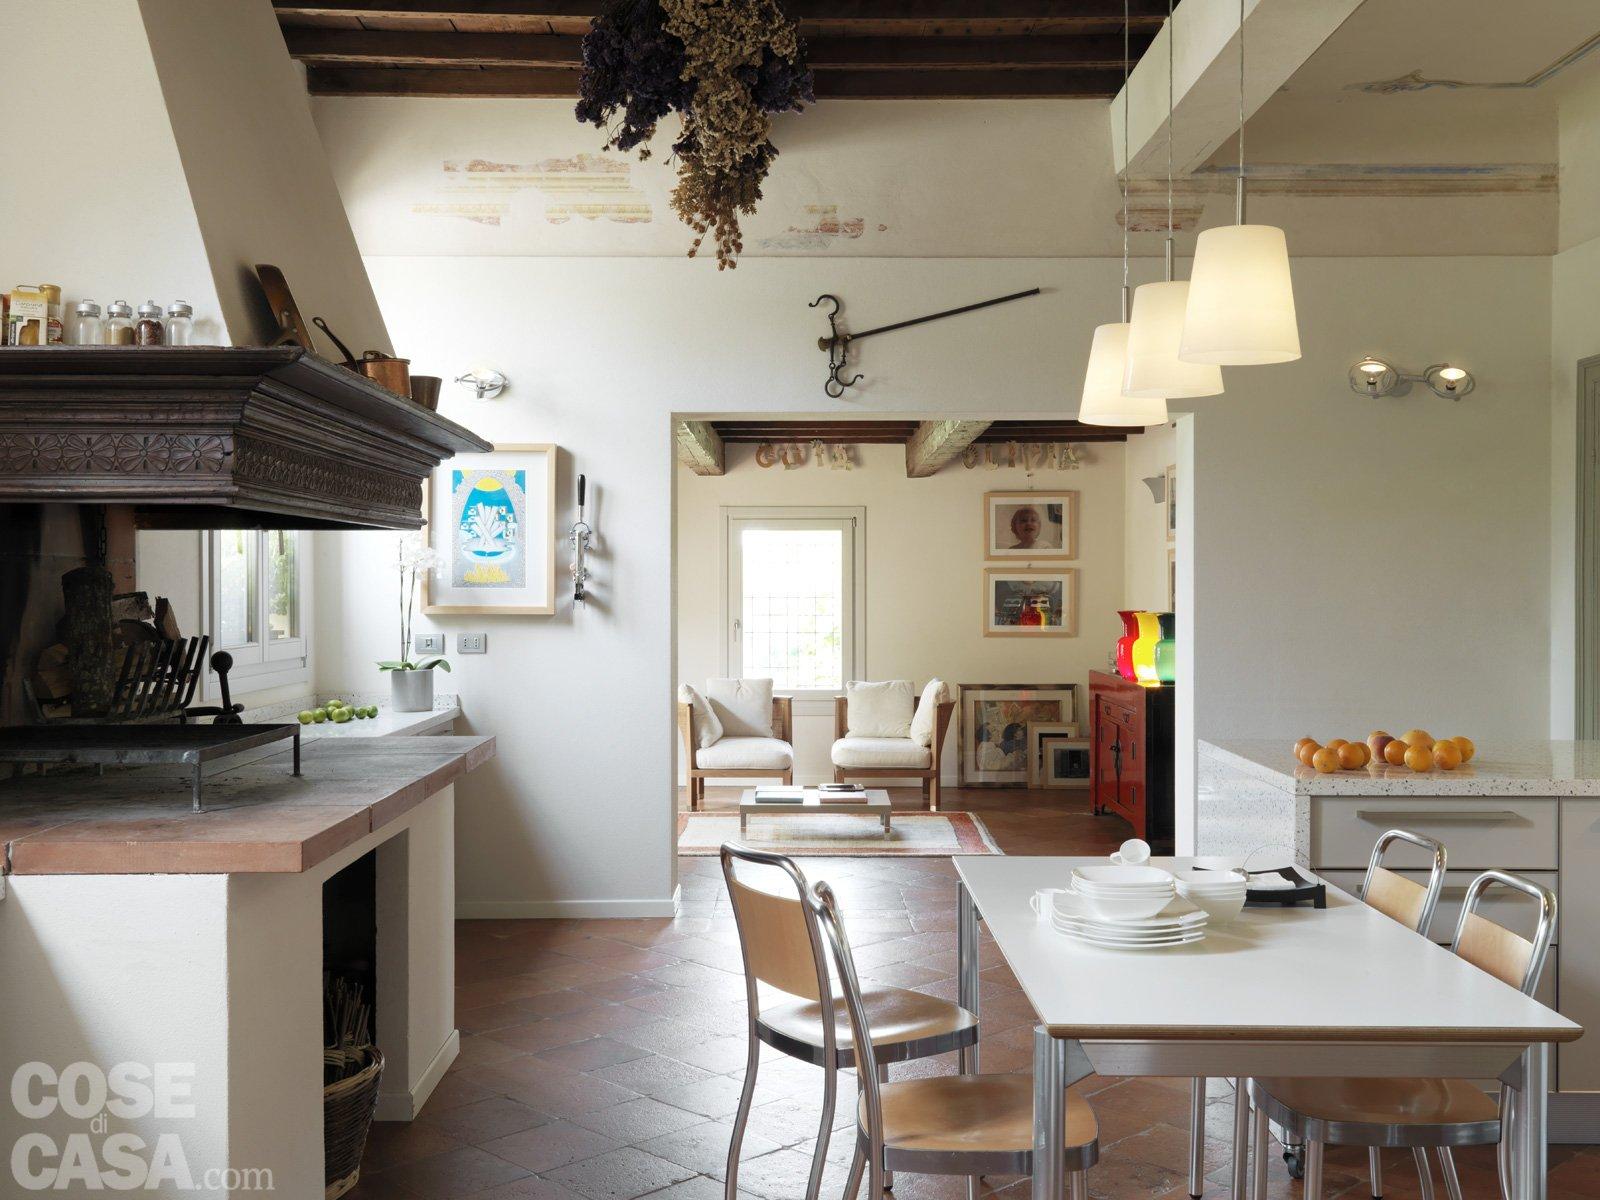 Casa Classica. Con Finiture E Mobili D'epoca Cose Di Casa #9F6B2C 1600 1200 Come Arredare Cucina E Salone Insieme